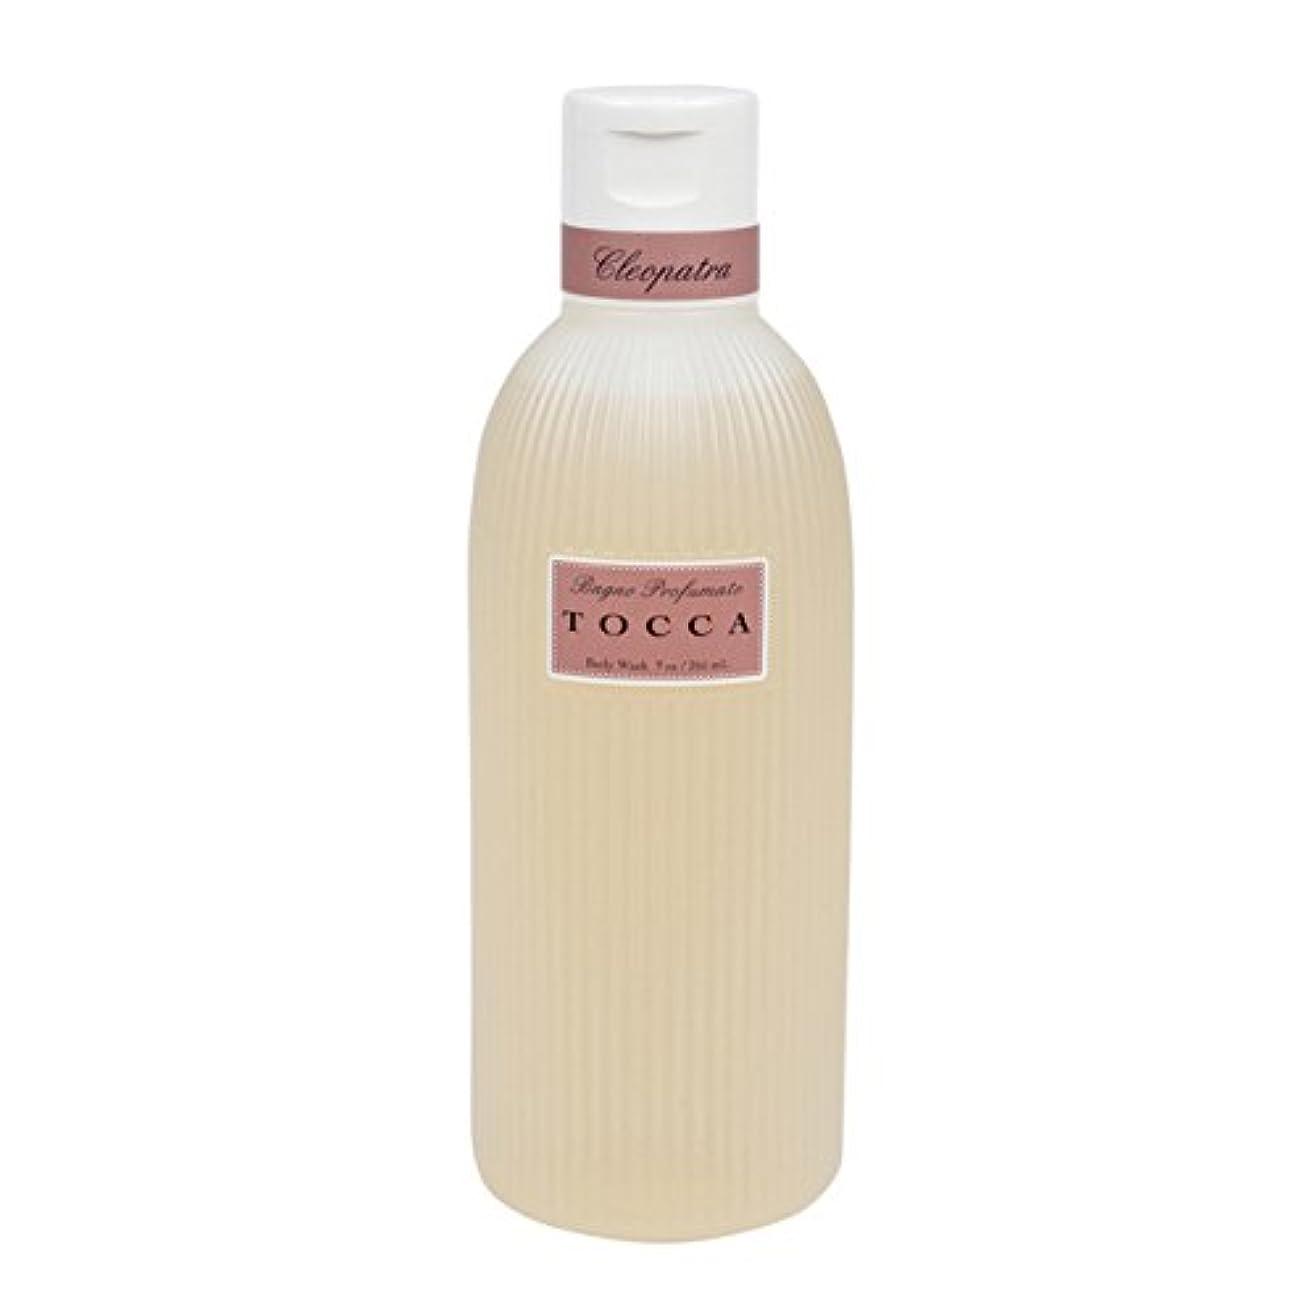 成長する水っぽいヒロイントッカ(TOCCA) ボディーケアウォッシュ クレオパトラの香り 266ml(全身用洗浄料 ボディーソープ グレープフルーツとキューカンバーのフレッシュでクリーンな香り)